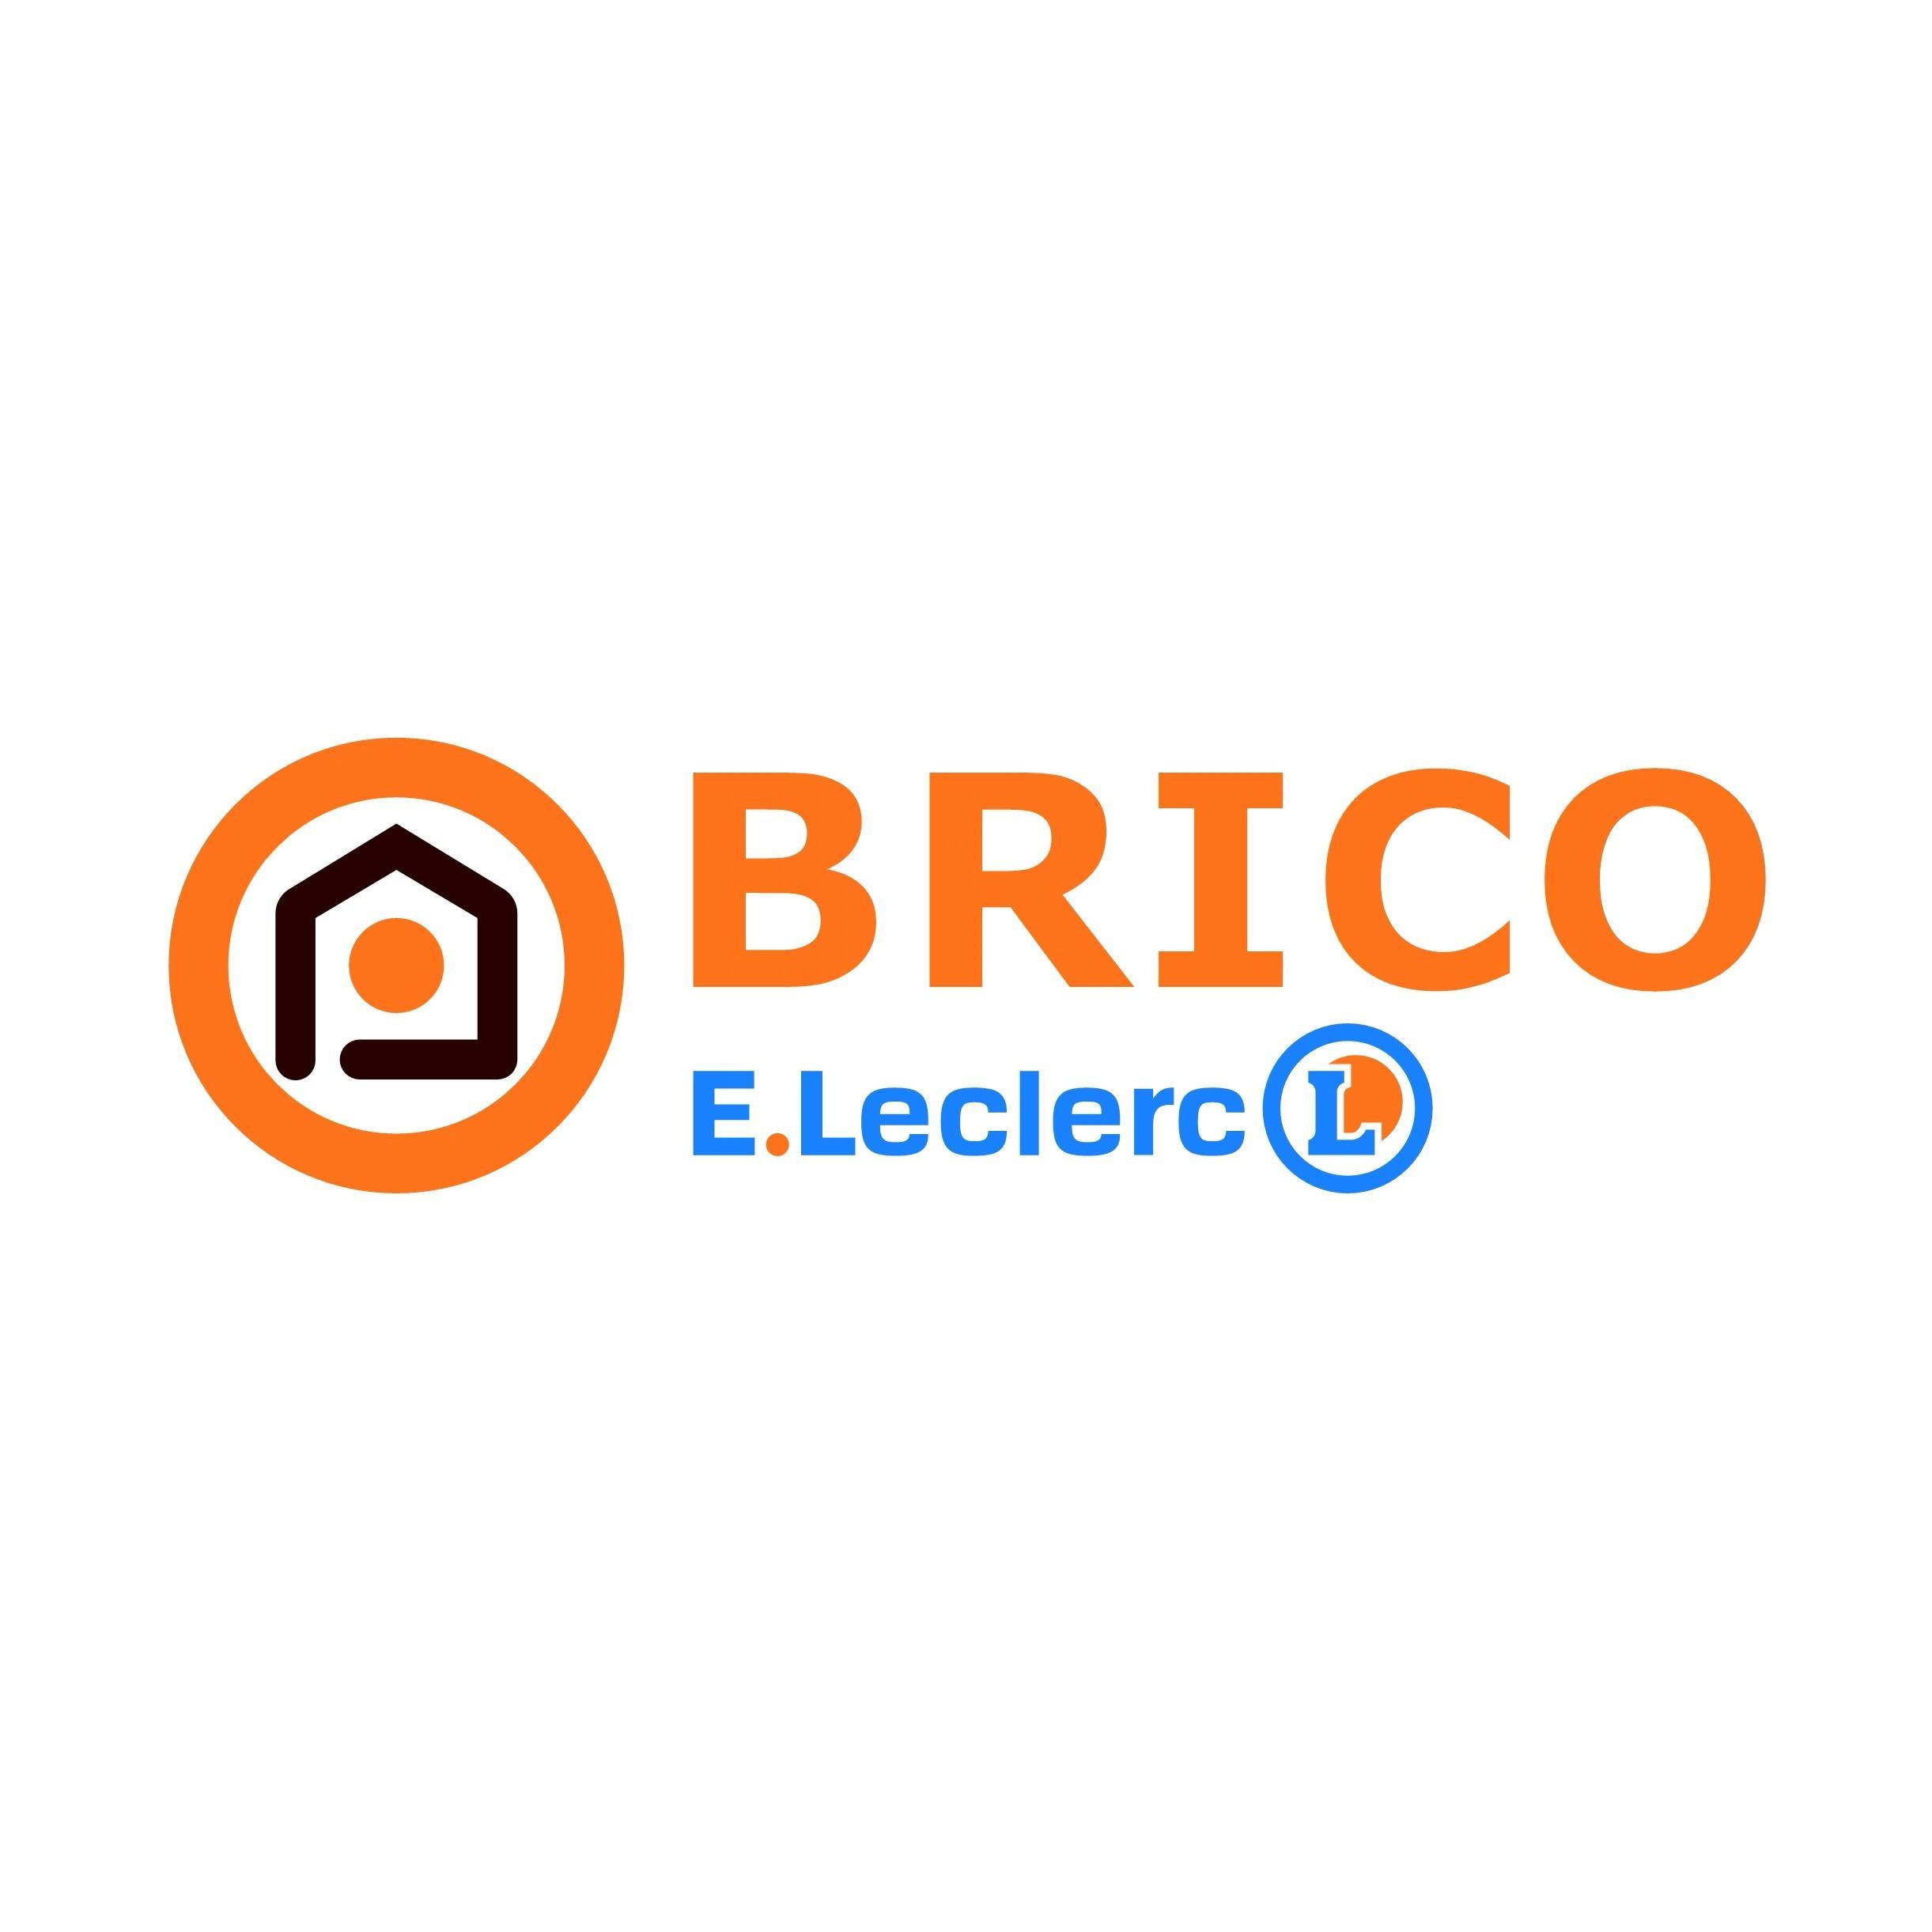 E Leclerc Brico A Saint Medard En Jalles 33160 34 Avenue Descartes Adresse Horaires Telephone 118000 Fr